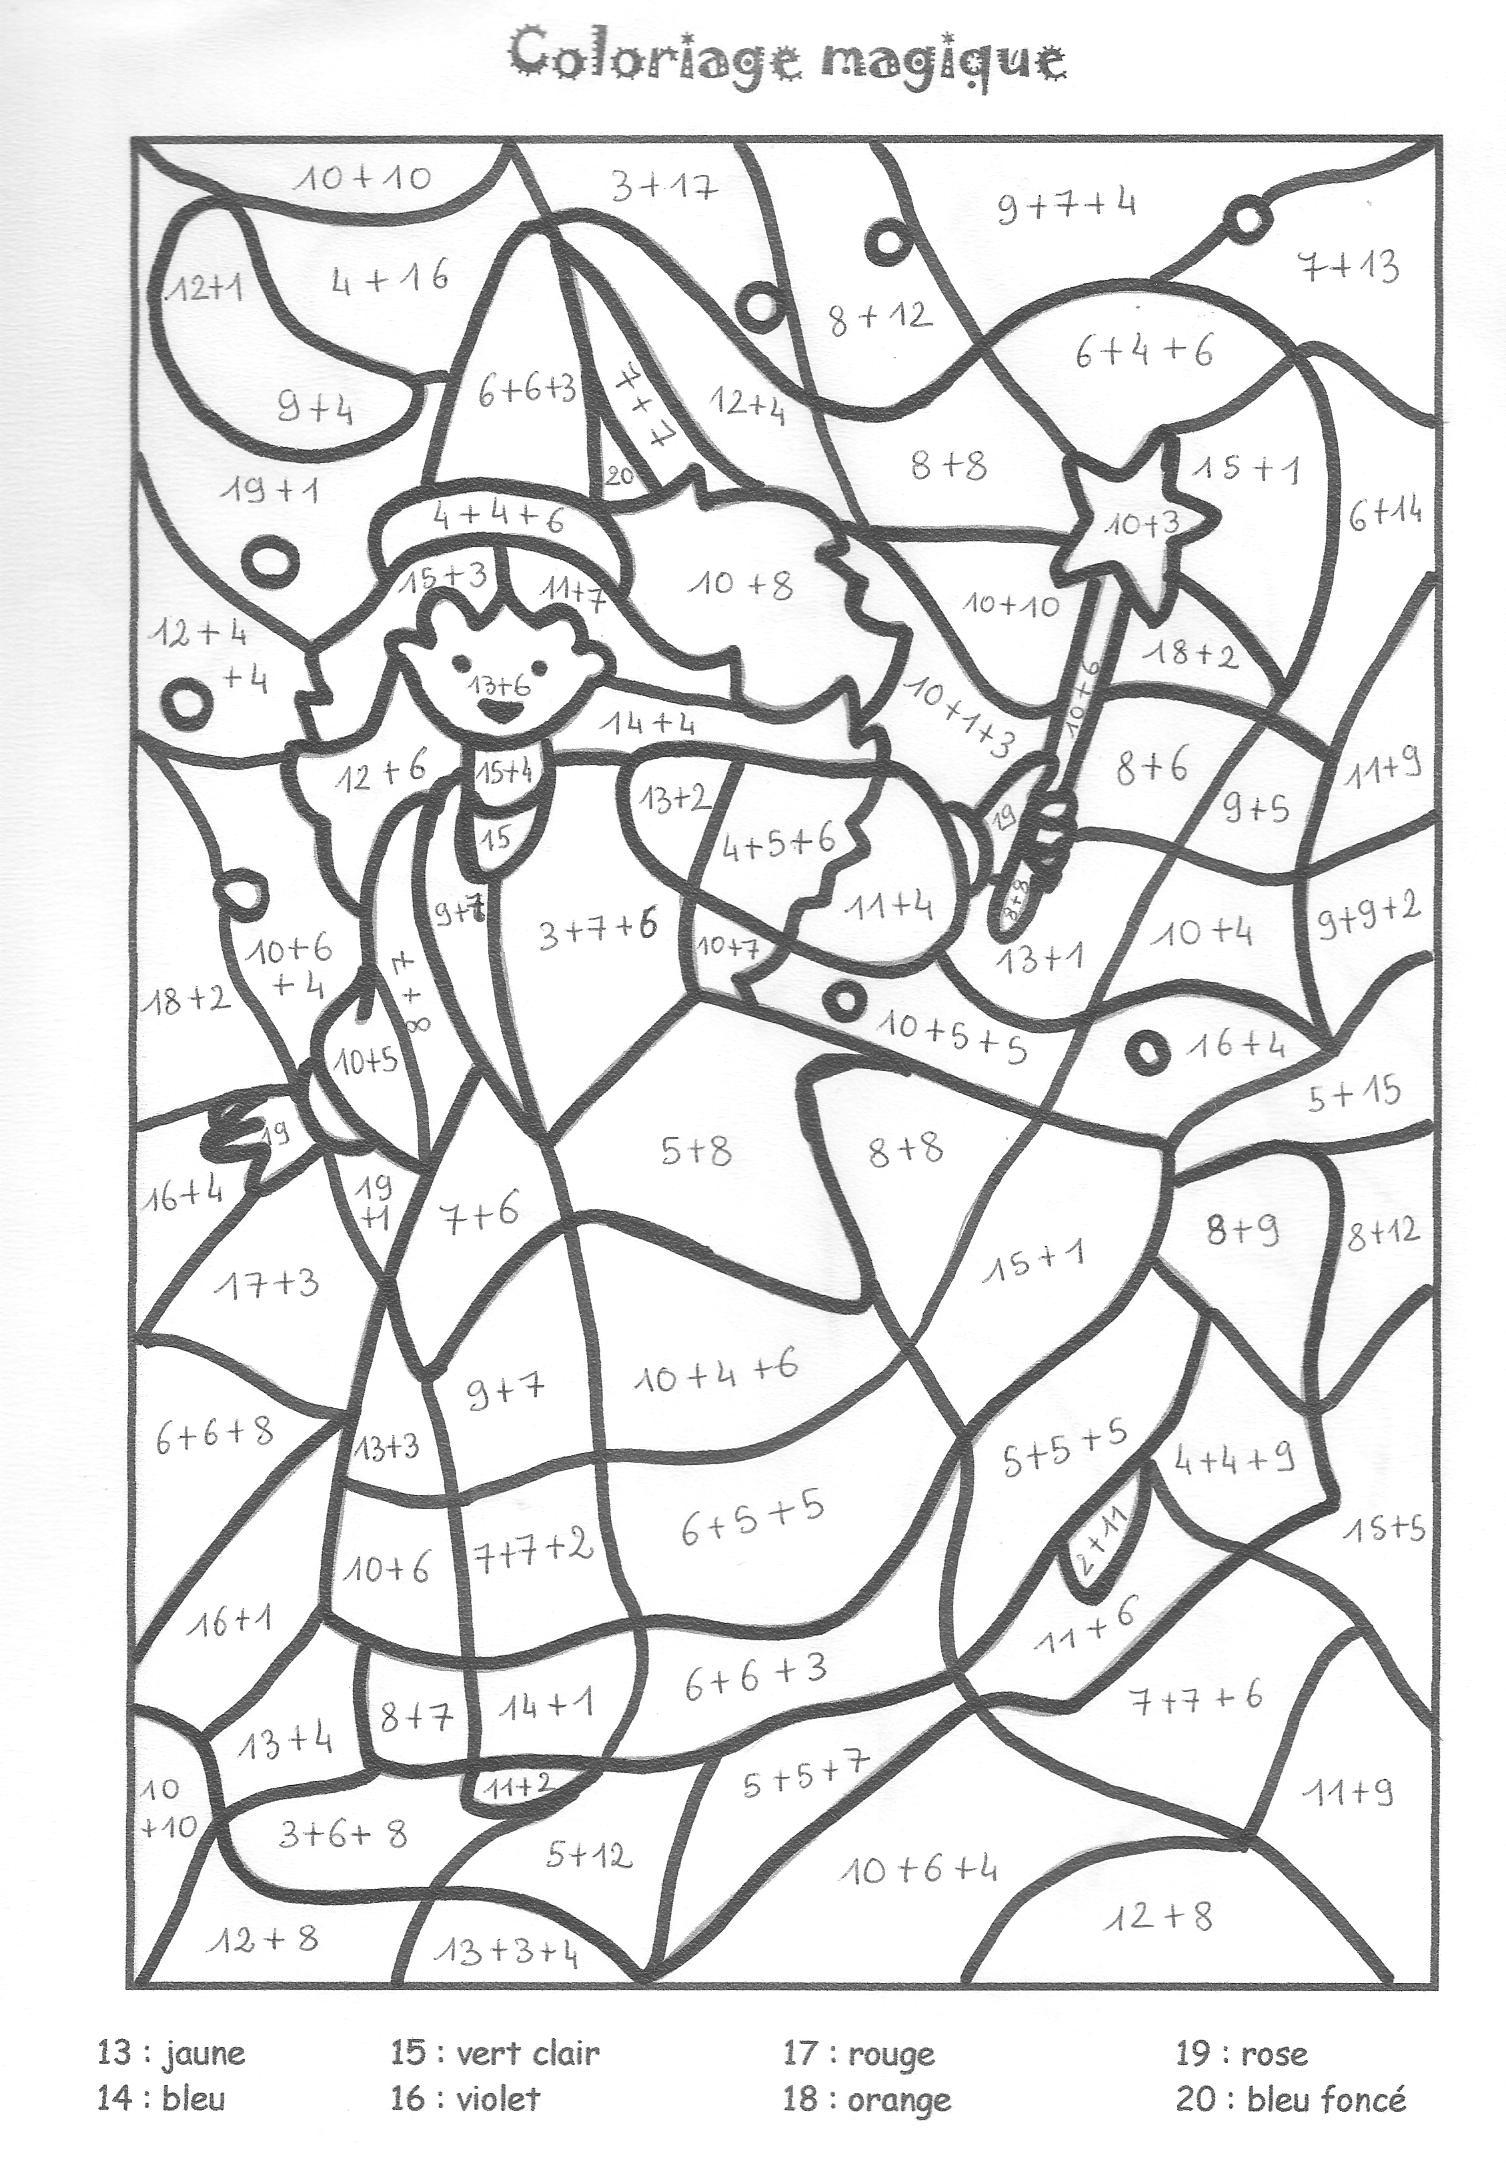 Dessin colorier magique vierge cp - Coloriage magic a imprimer ...